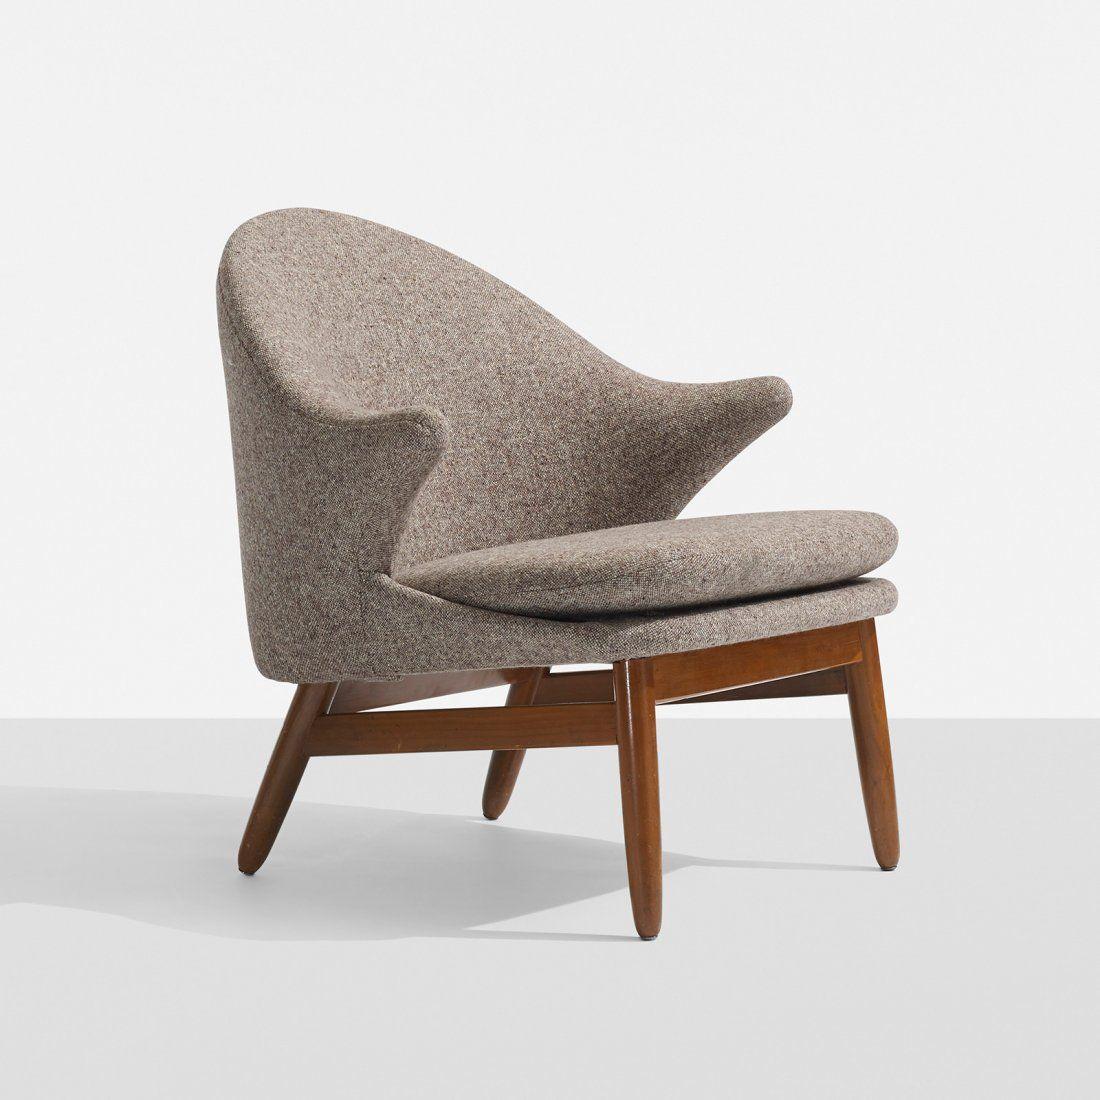 Great Hans Olsen, Teak Lounge Chair For Jorgen Jorgensen, 1956